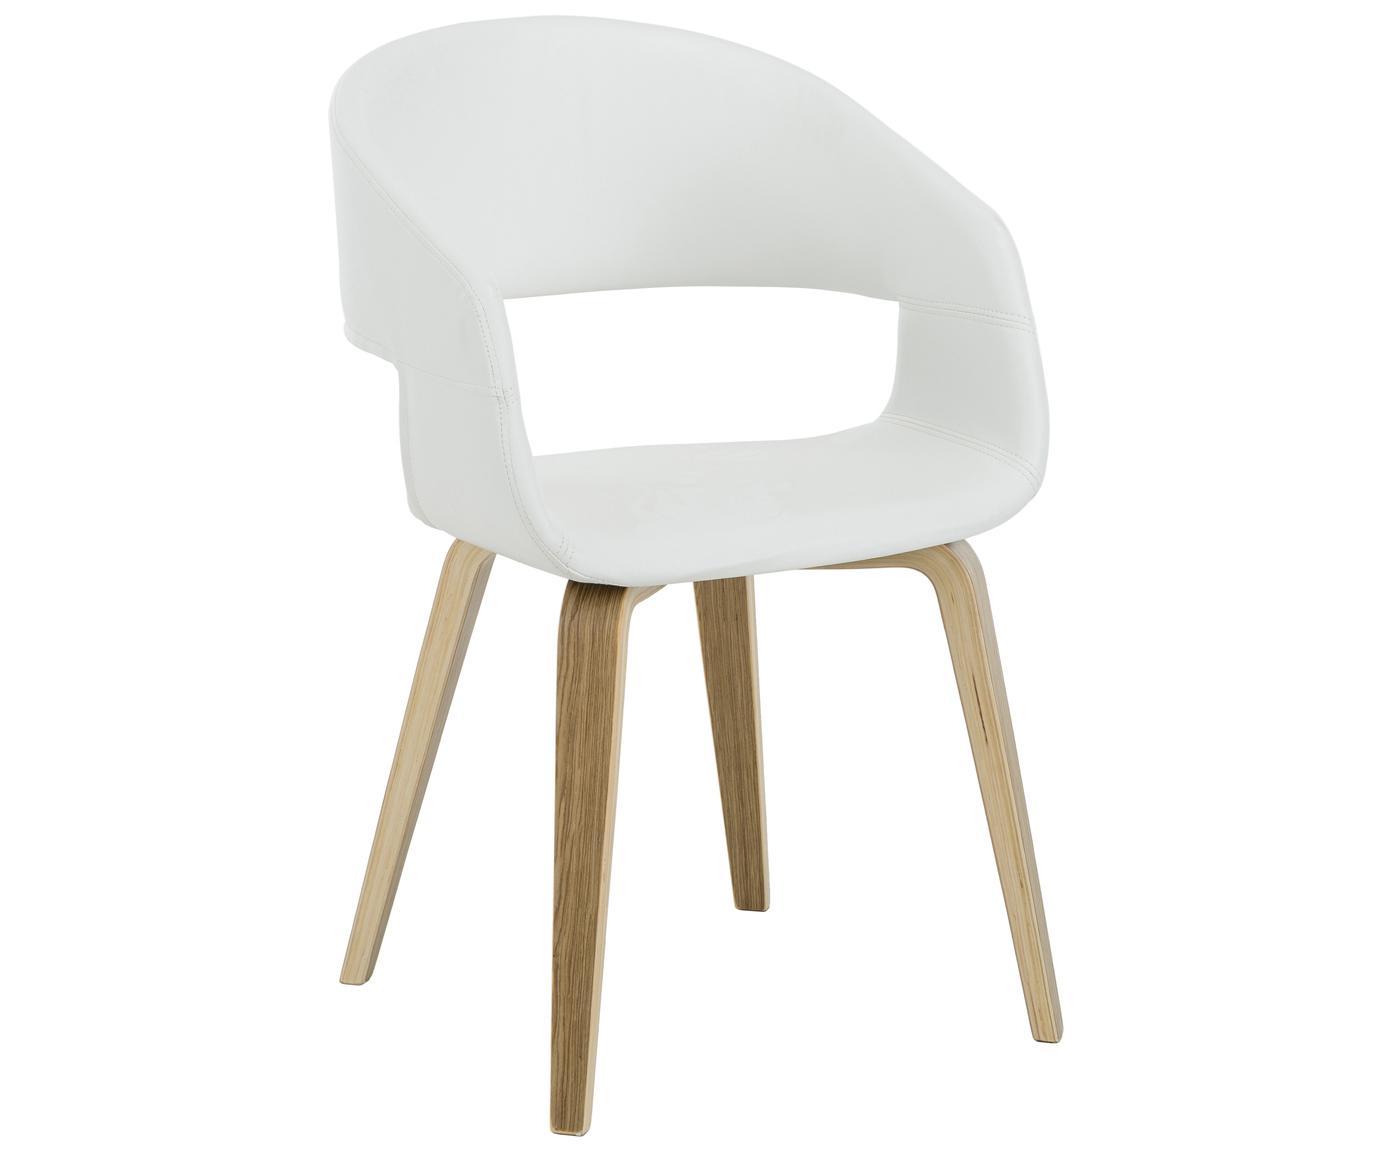 Krzesło z podłokietnikami ze sztucznej skóry  Nova, 2 szt., Nogi: drewno dębowe, lakierowan, Tapicerka: sztuczna skóra (poliureta, Biały, drewno dębowe, S 50 x W 77 cm